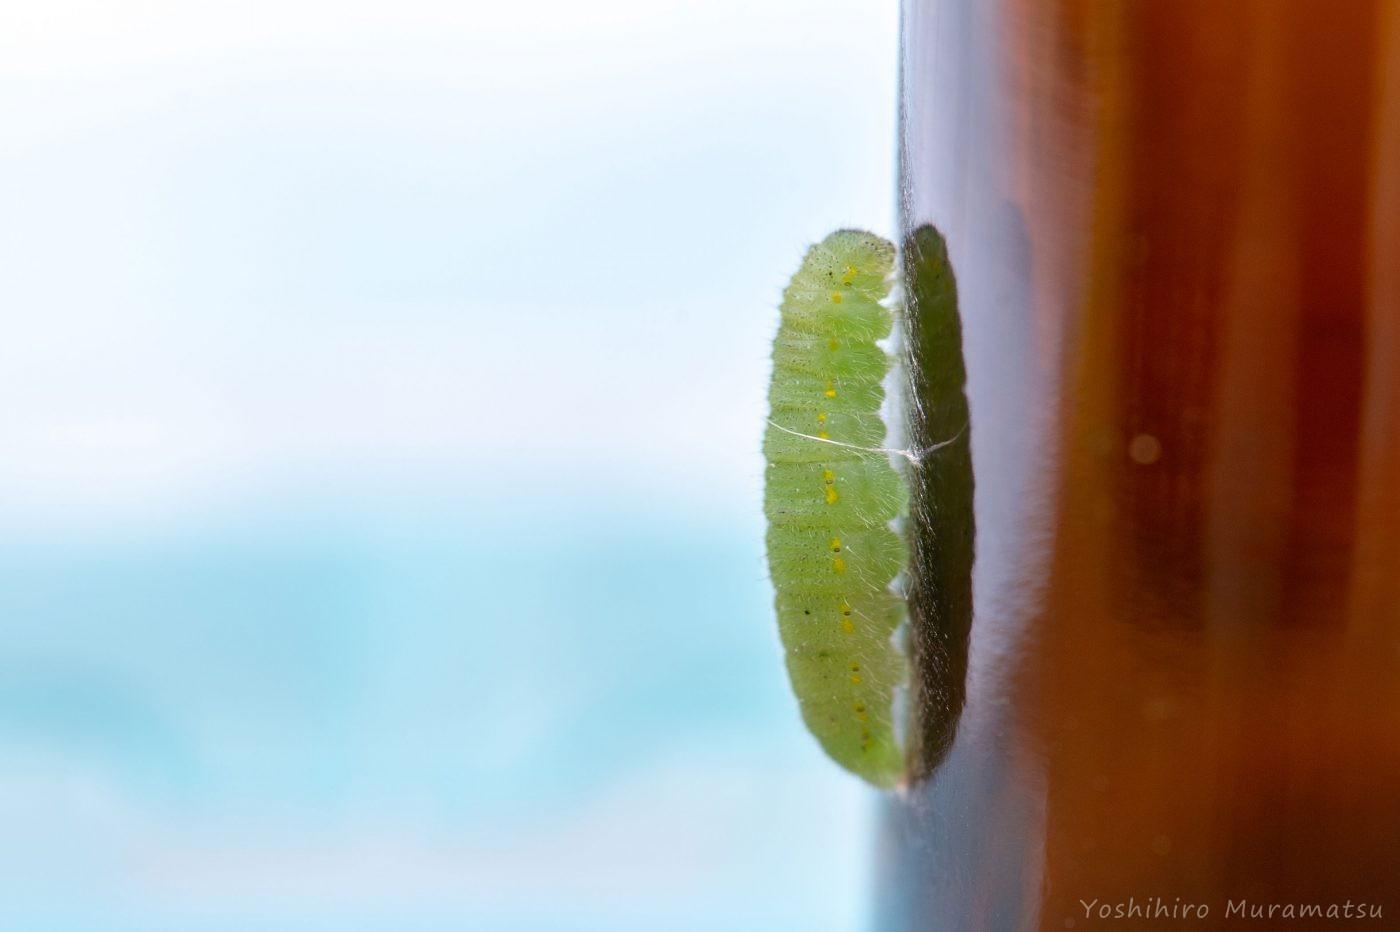 モンシロチョウの前蛹